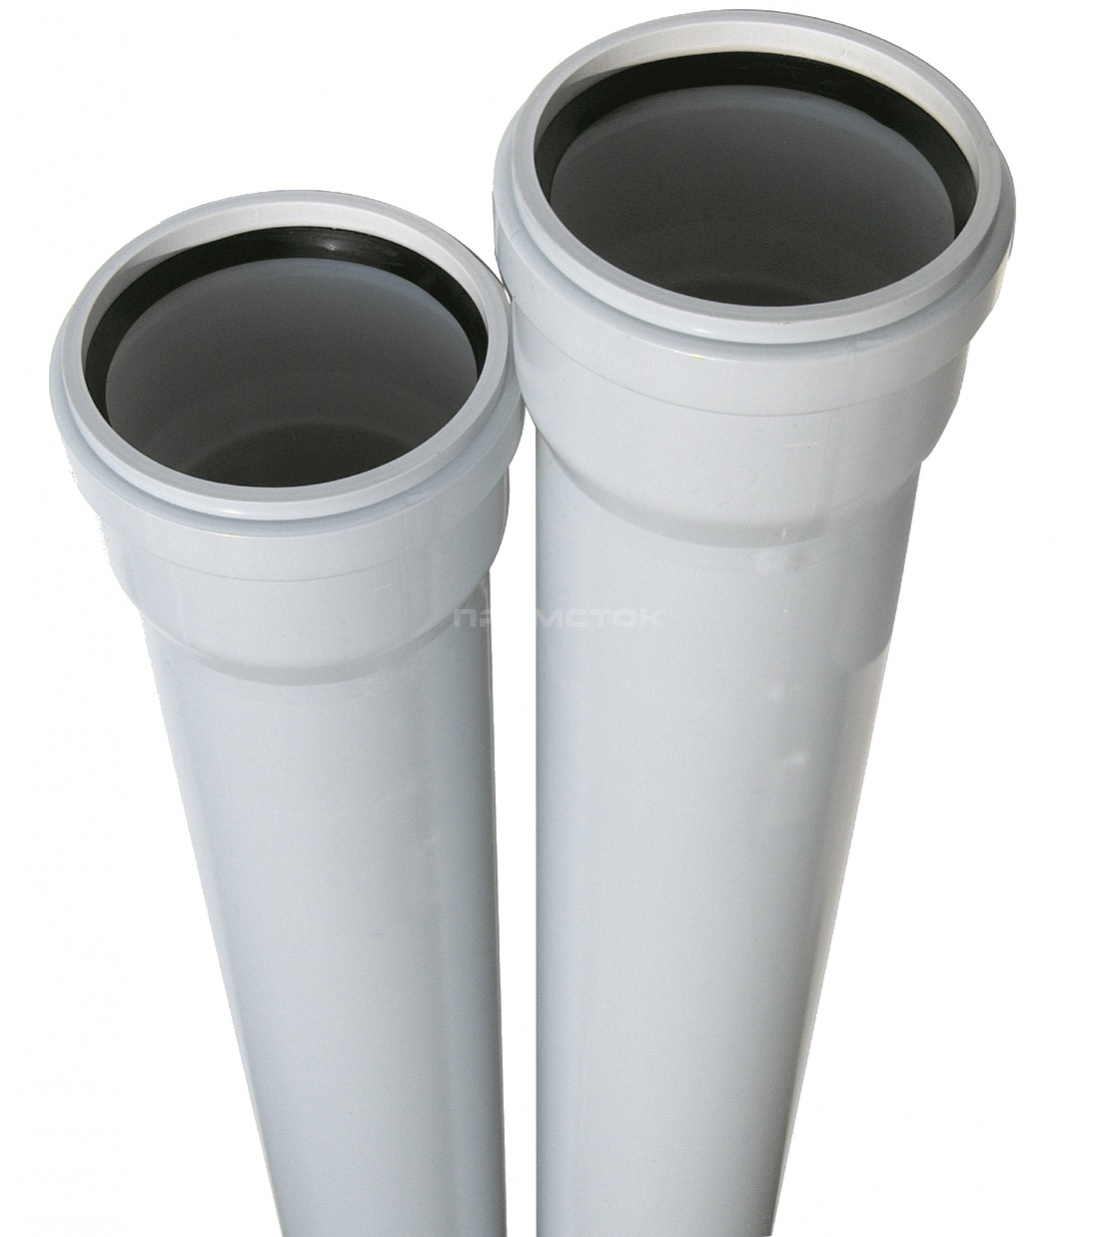 Skolan dB бесшумная канализационная труба SKEM 75x2000